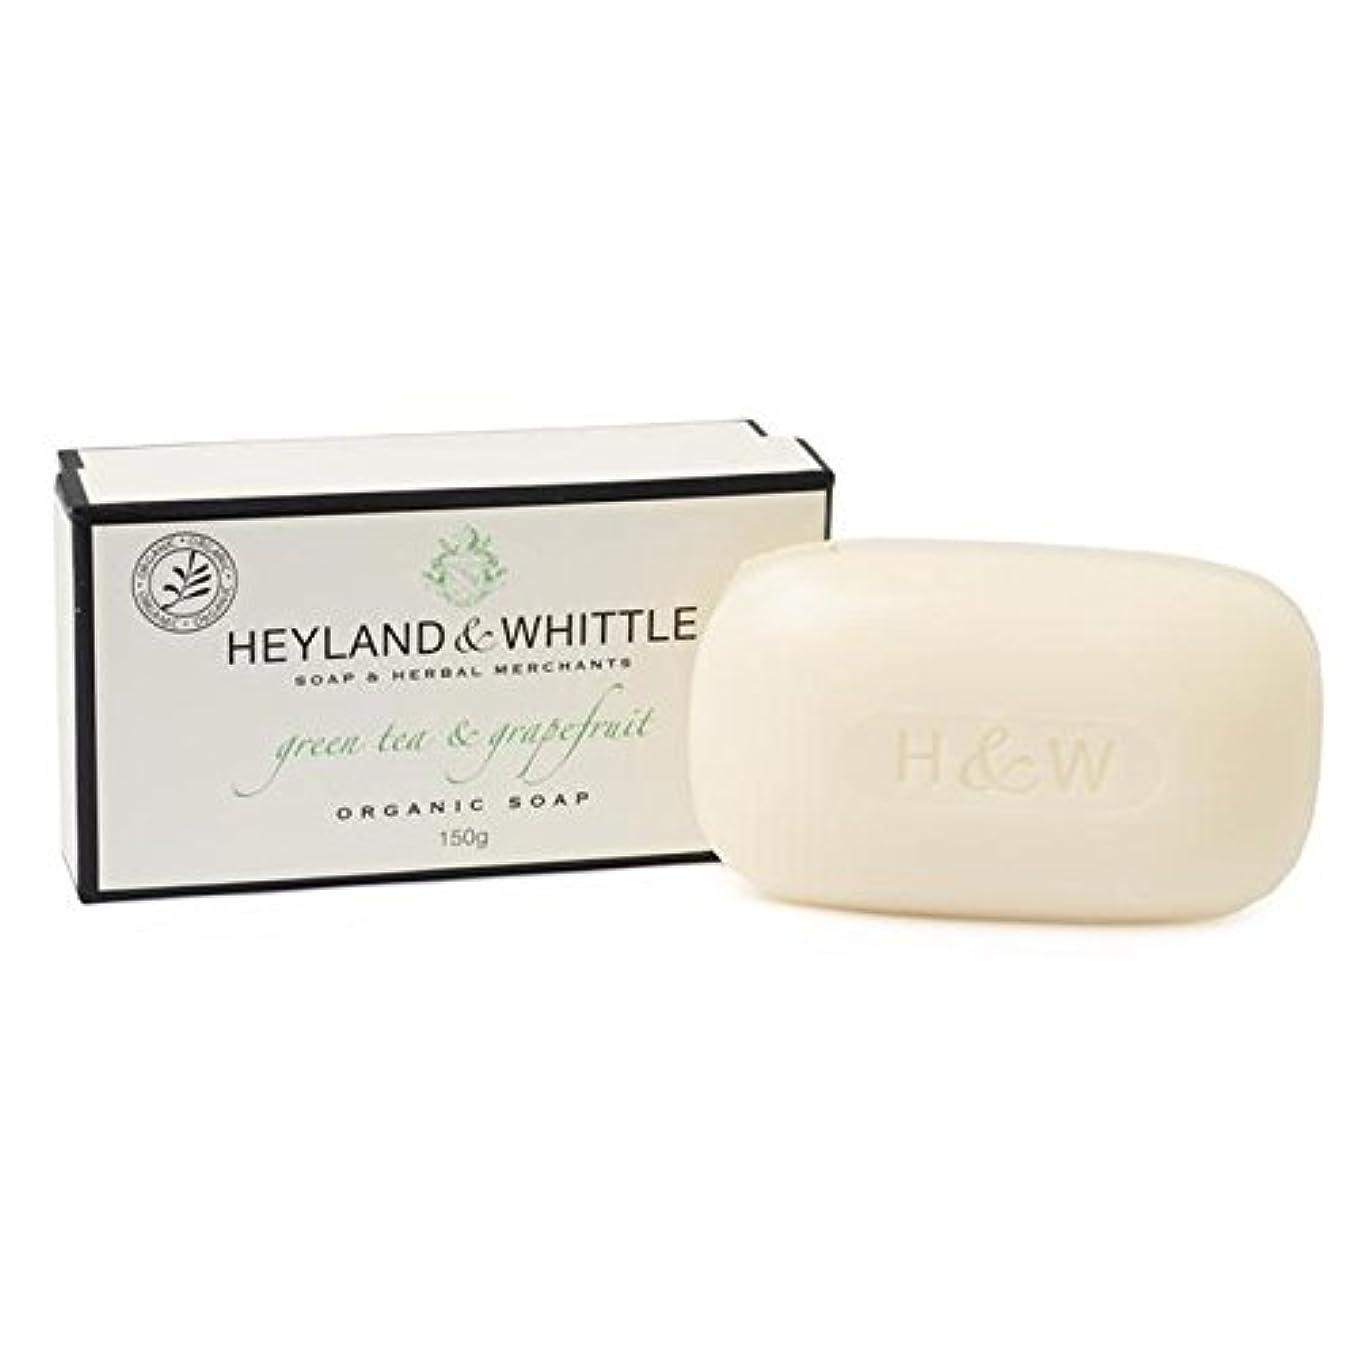 垂直精神的に危険Heyland & Whittle Green Tea & Grapefruit Boxed Organic Soap 150g (Pack of 6) - &削る緑茶&グレープフルーツはオーガニックソープ150グラム箱入...